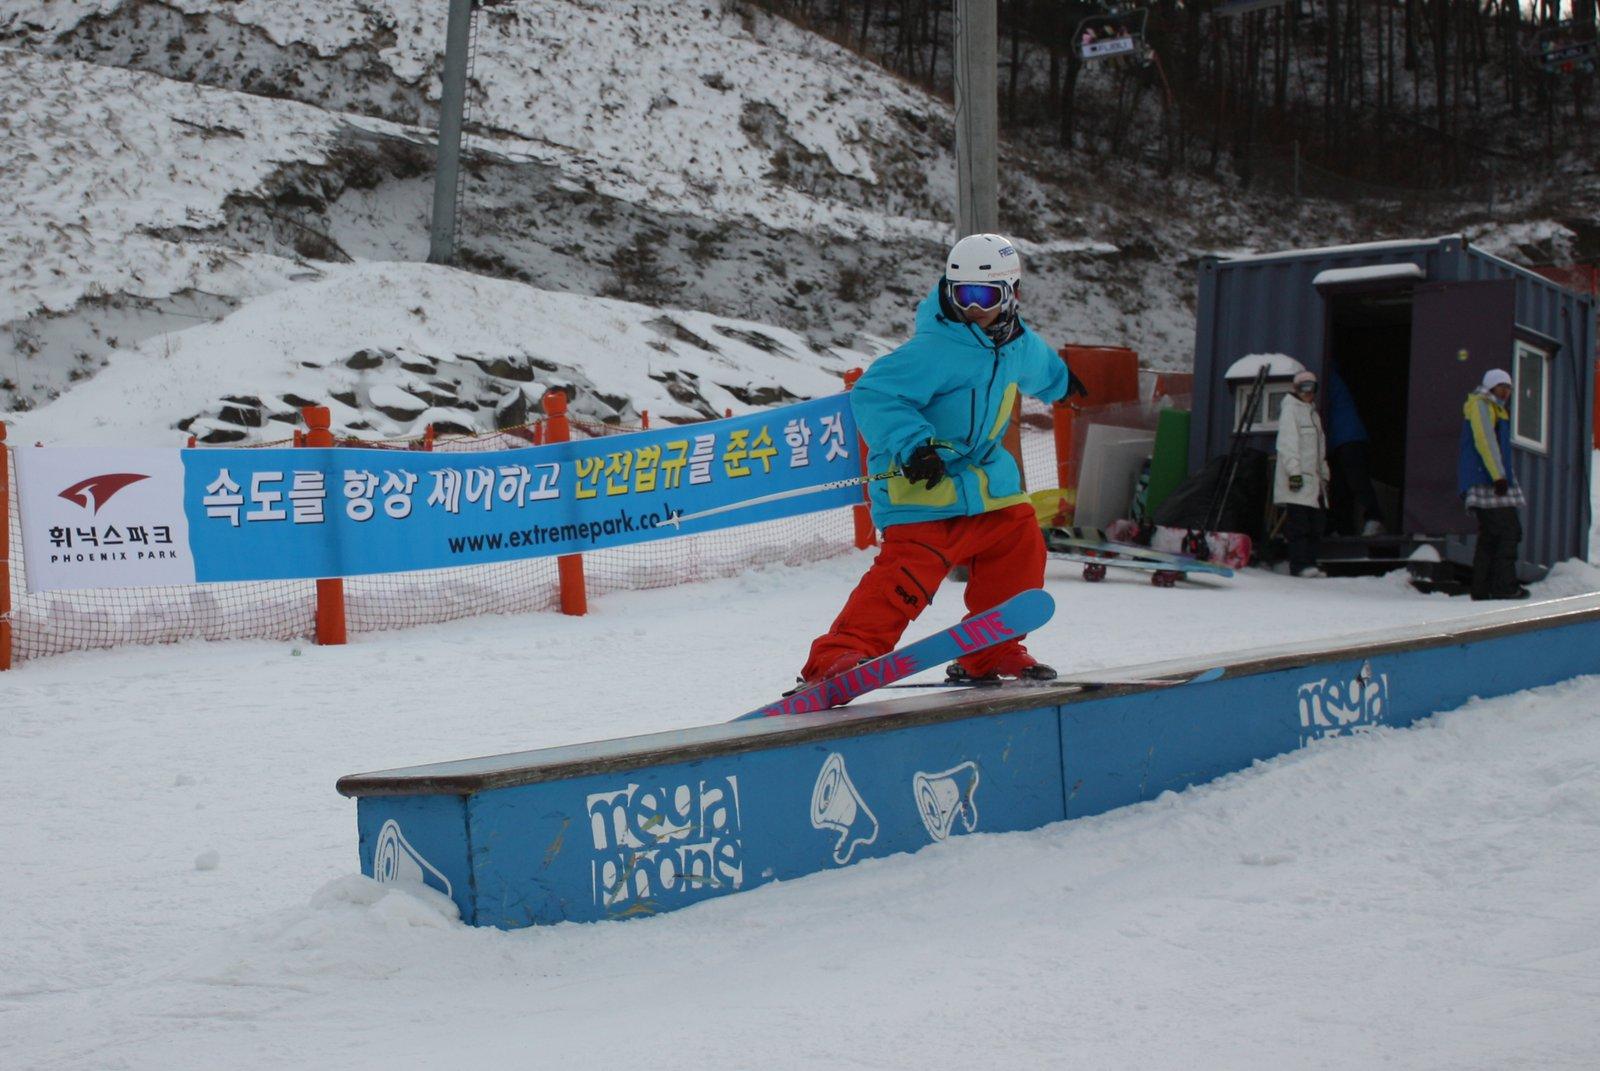 Korea Skiing